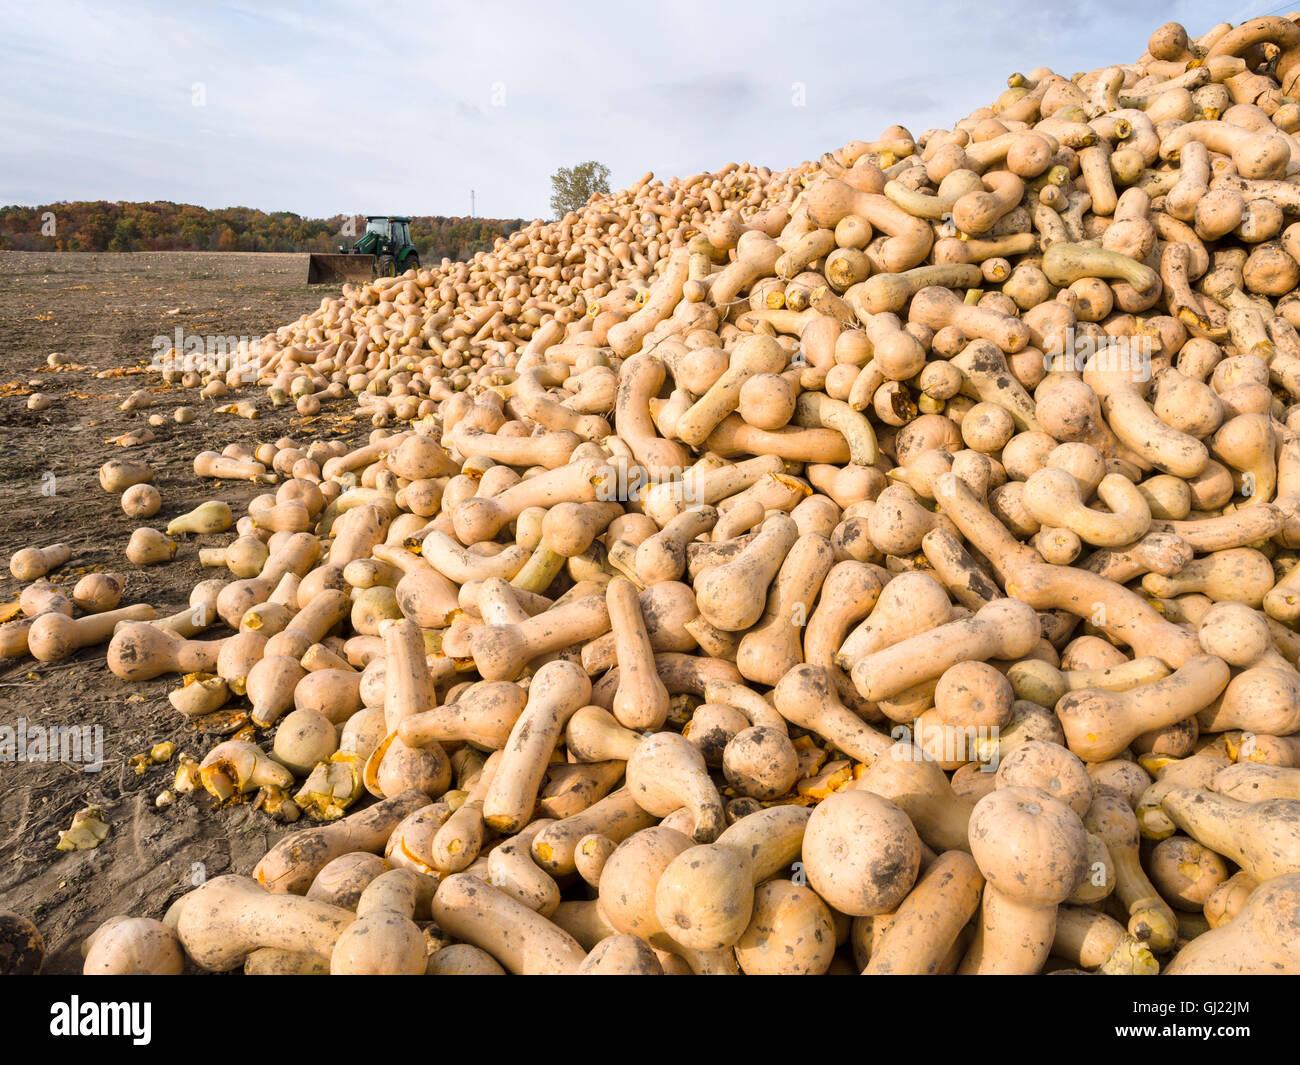 Cosechado Calabacita. Un gran número de calabacita reunidos en un gran montón en el creciente campo Imagen De Stock